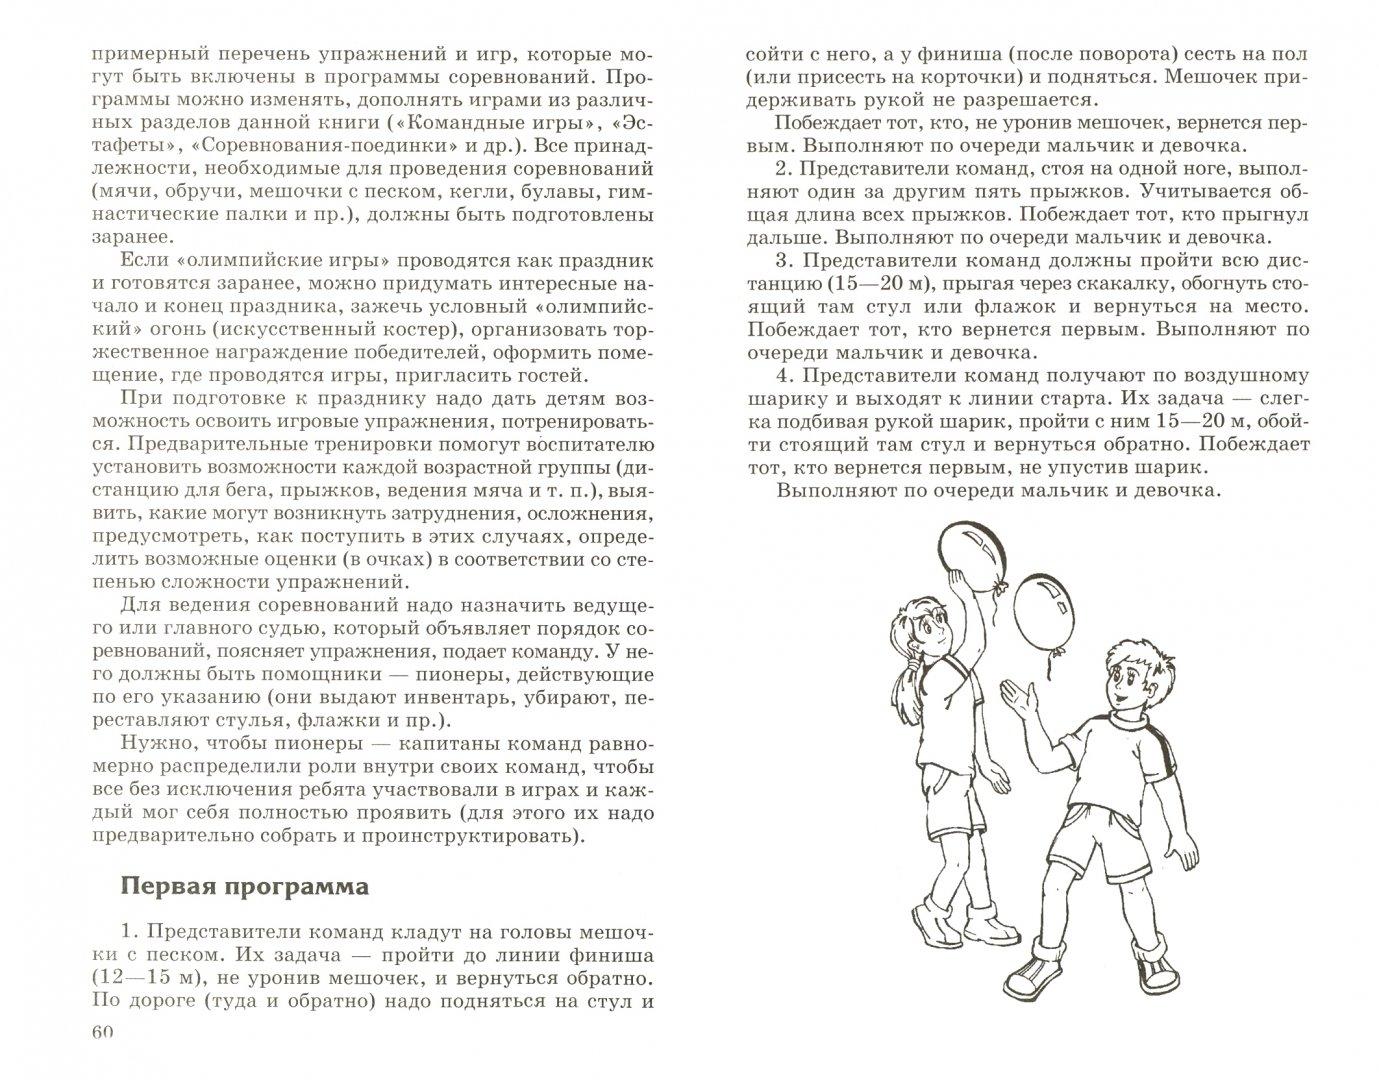 Иллюстрация 1 из 2 для Подвижные игры для детей ФГОС ДО - Ольга Громова | Лабиринт - книги. Источник: Лабиринт